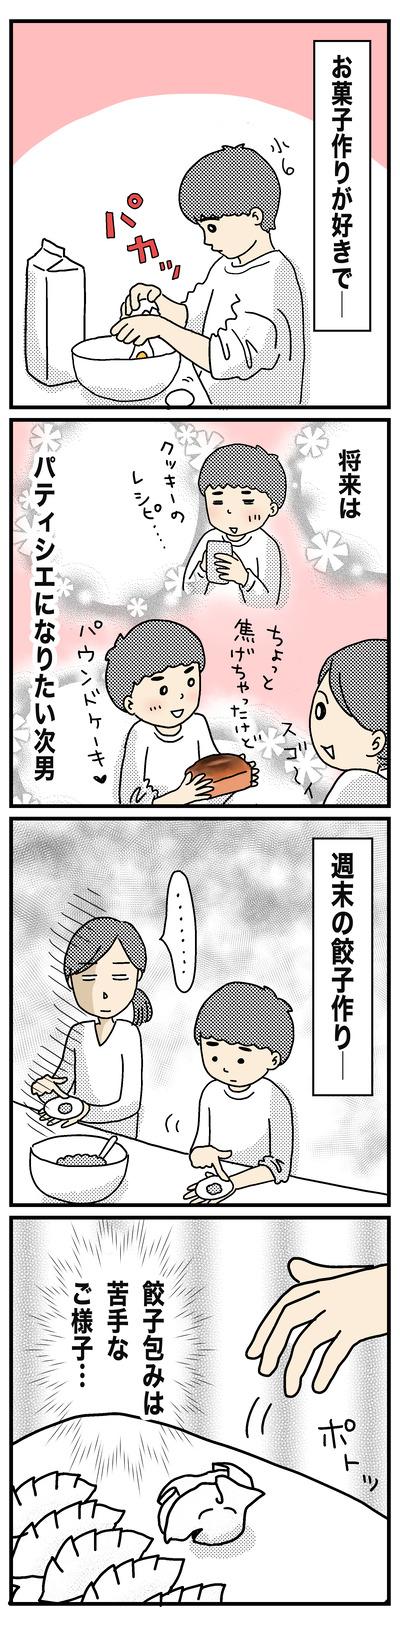 218フーちゃんと餃子(1才半〜2才)